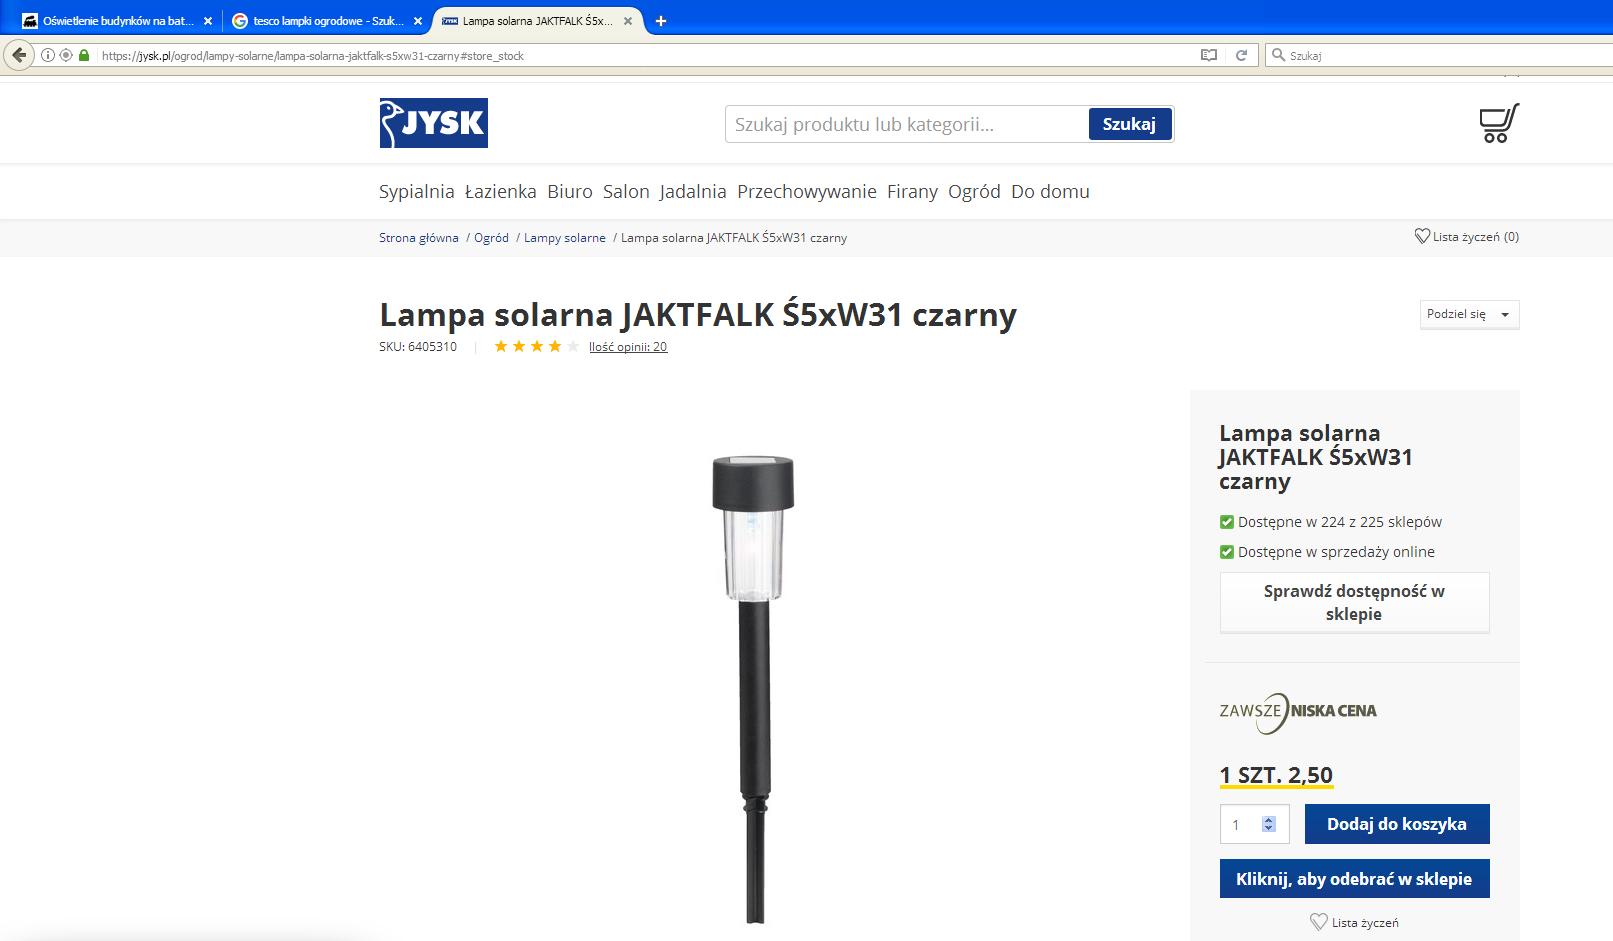 Lampa solarna JAKTFALK Ś5xW31 czarny .PNG